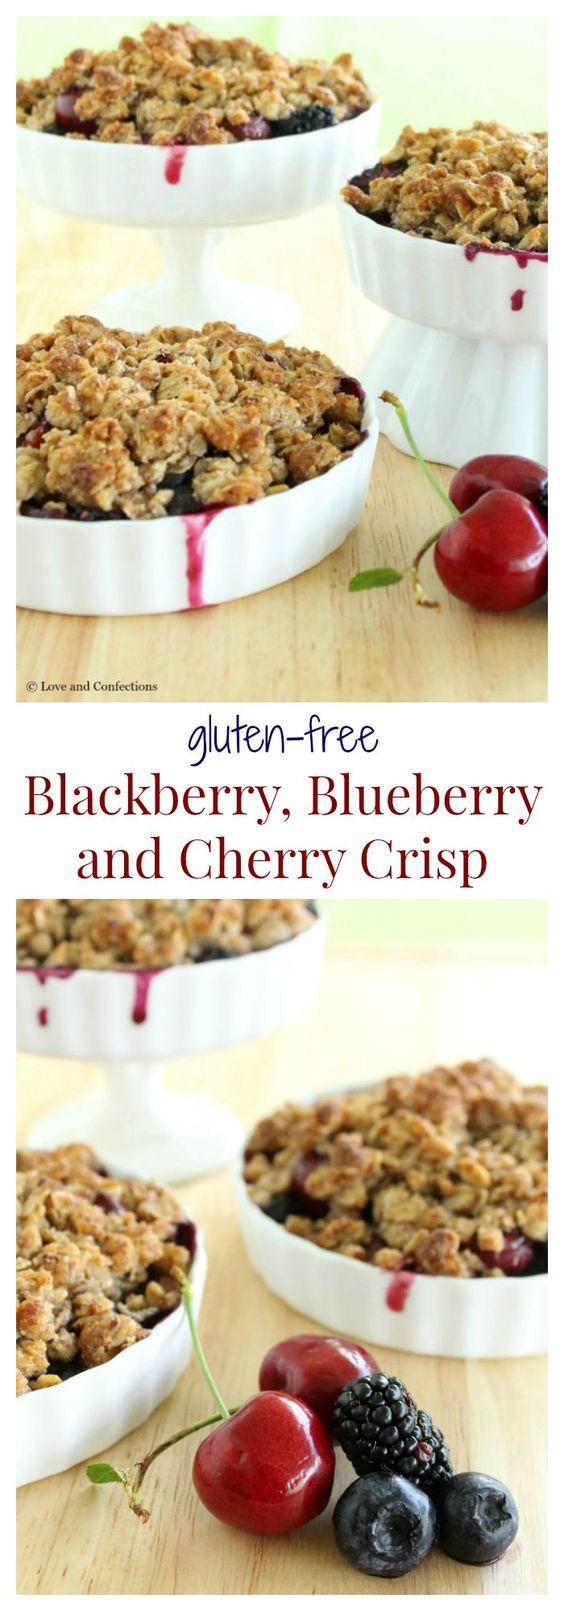 Gluten Free Blackberry, Blueberry and Cherry Crisp - Farmer's market ...